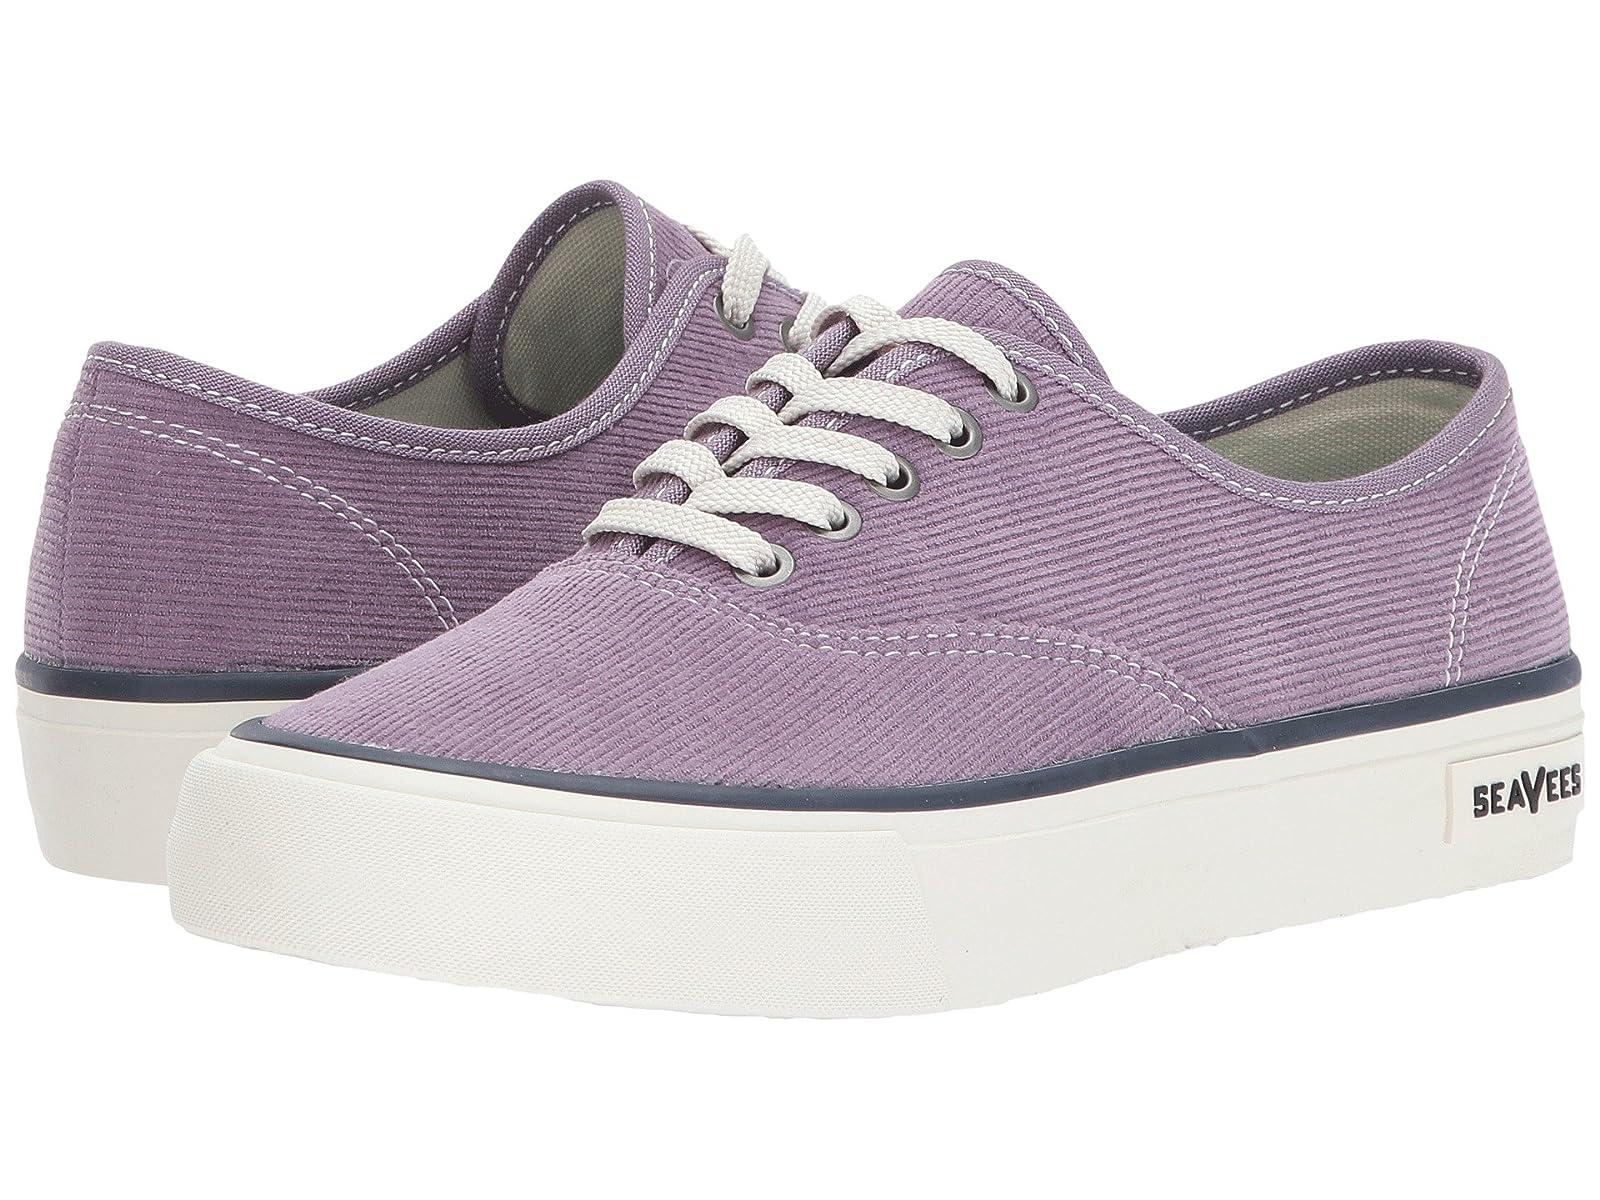 SeaVees Legend Cordies Sneaker Cordies Legend Varsity -Man's/Woman's-Slip On a74bde